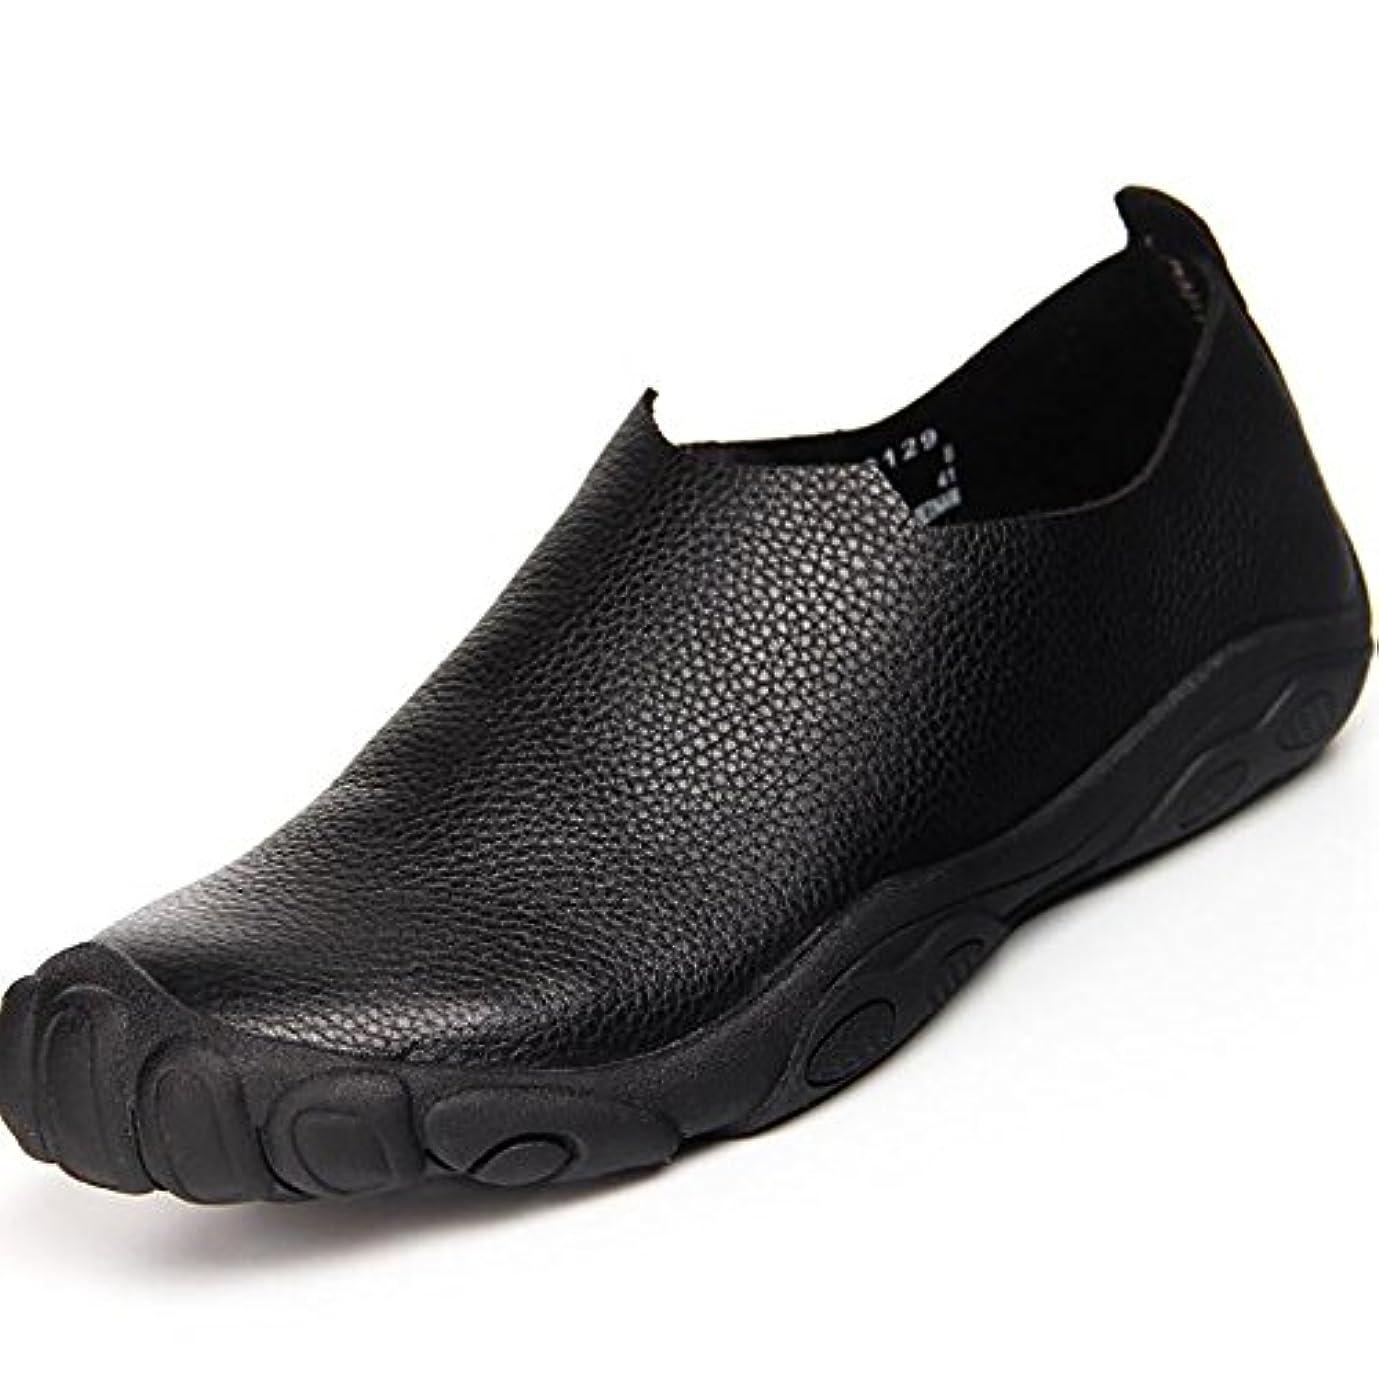 ぼろ終わった学習者新しい男性の靴の手作りの靴メンズカジュアルシューズファッション快適な靴の男性のシンプルさ,Black,44